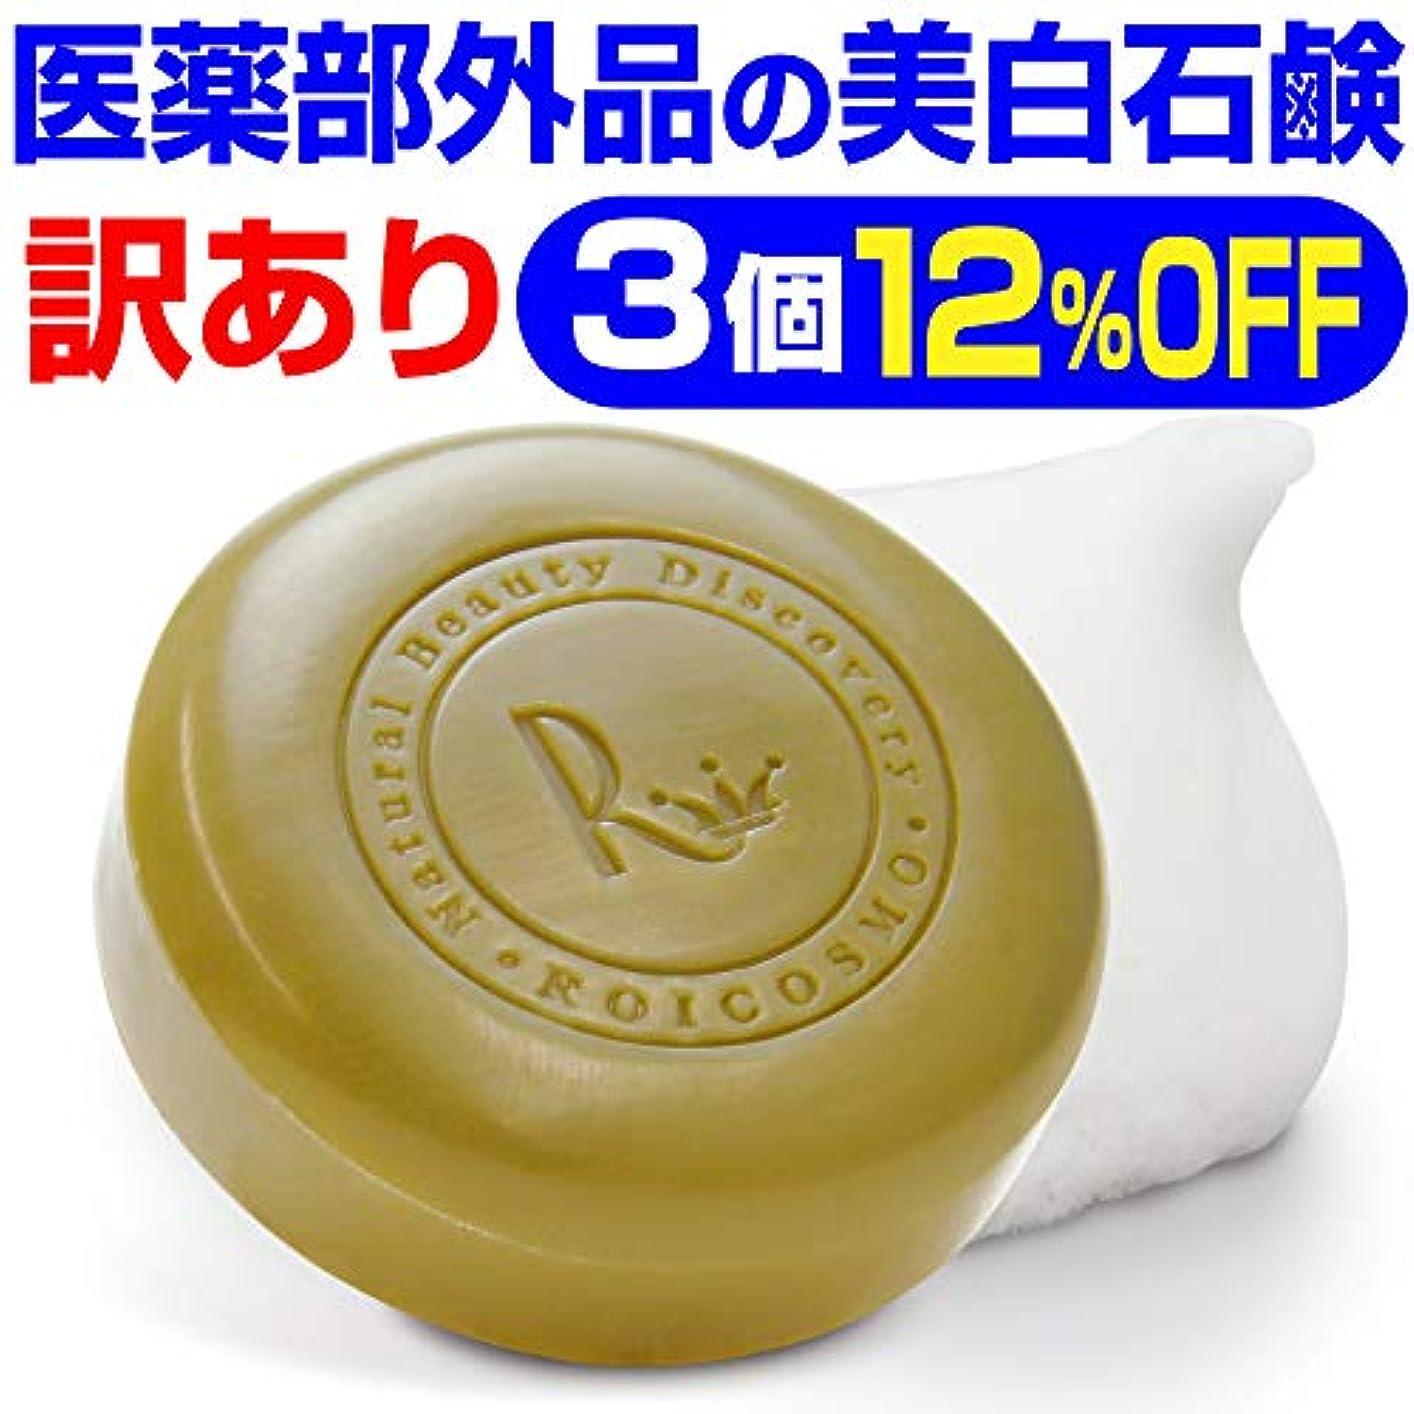 叫ぶ西部放棄された訳あり12%OFF(1個2,090円)売切れ御免 ビタミンC270倍の美白成分の 洗顔石鹸『ホワイトソープ100g×3個』